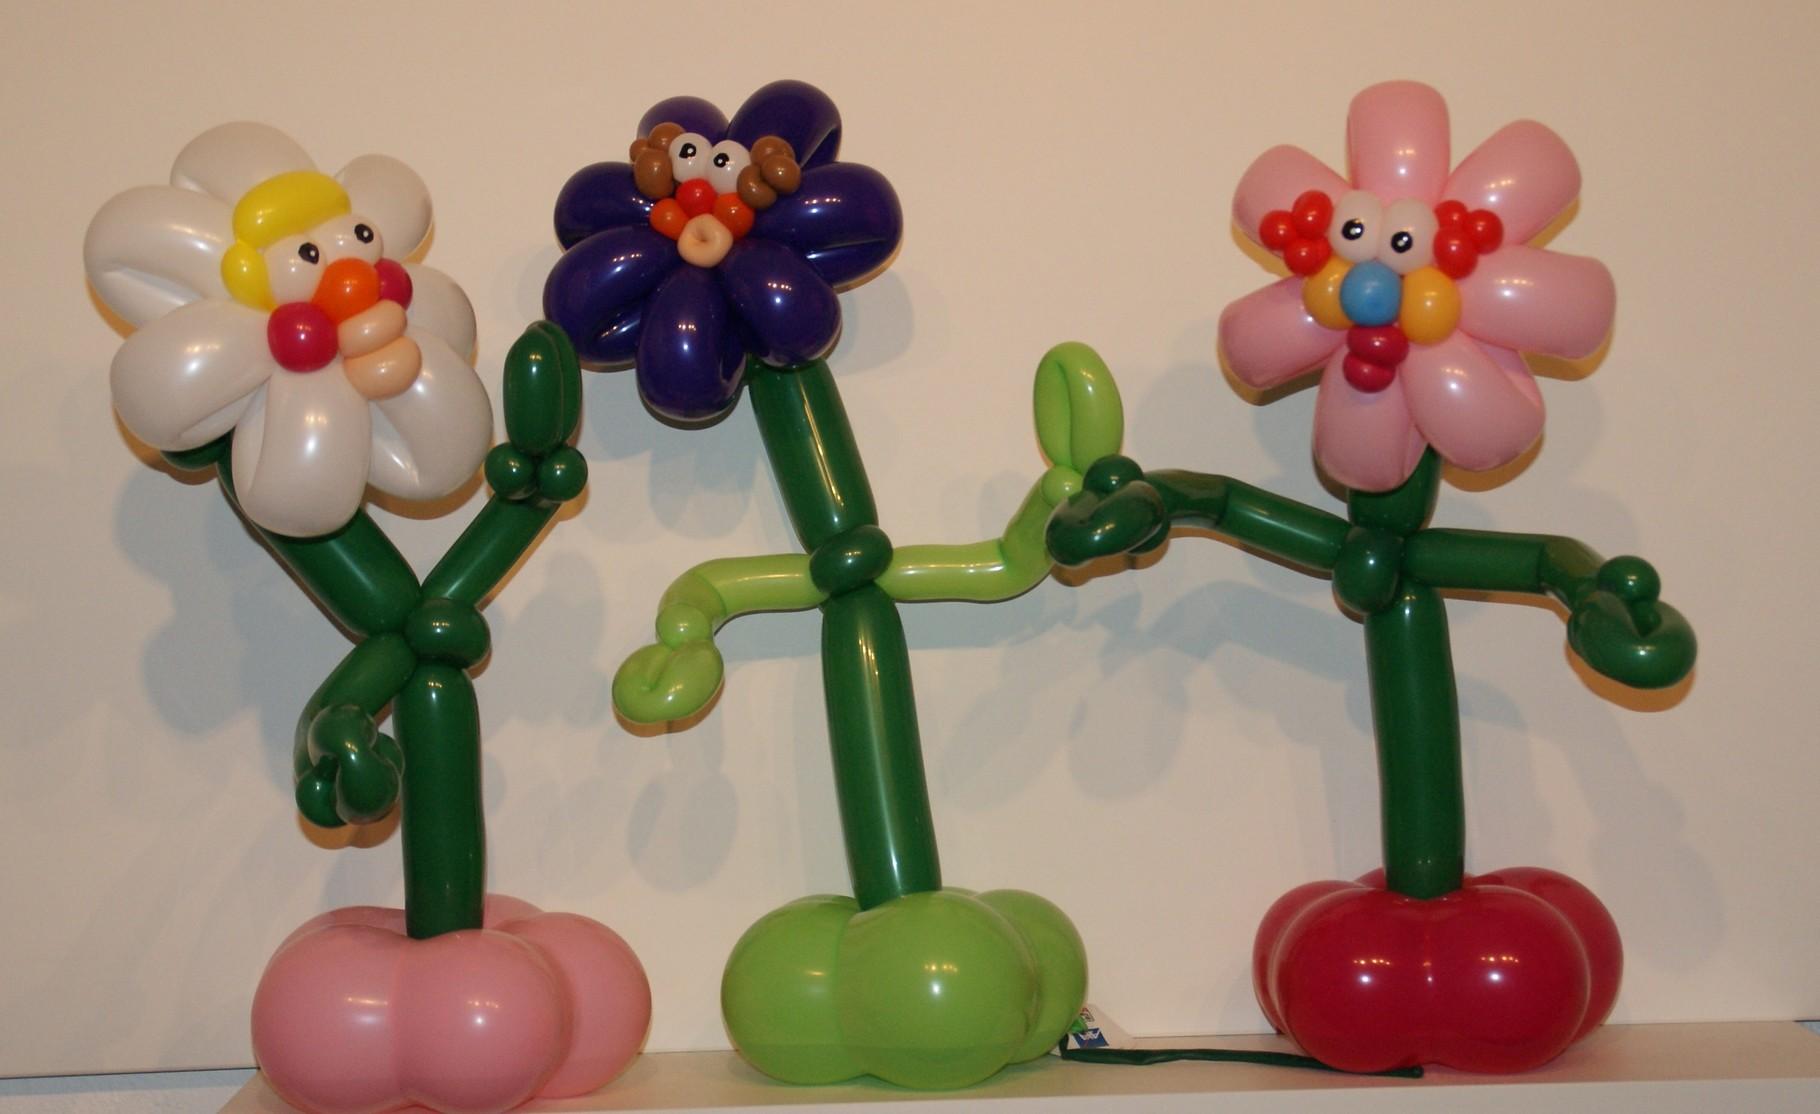 Ballonblumen twisten, lustige  Blumen, Geburtstag ,Tischdeko,Mr. toni balloni ch